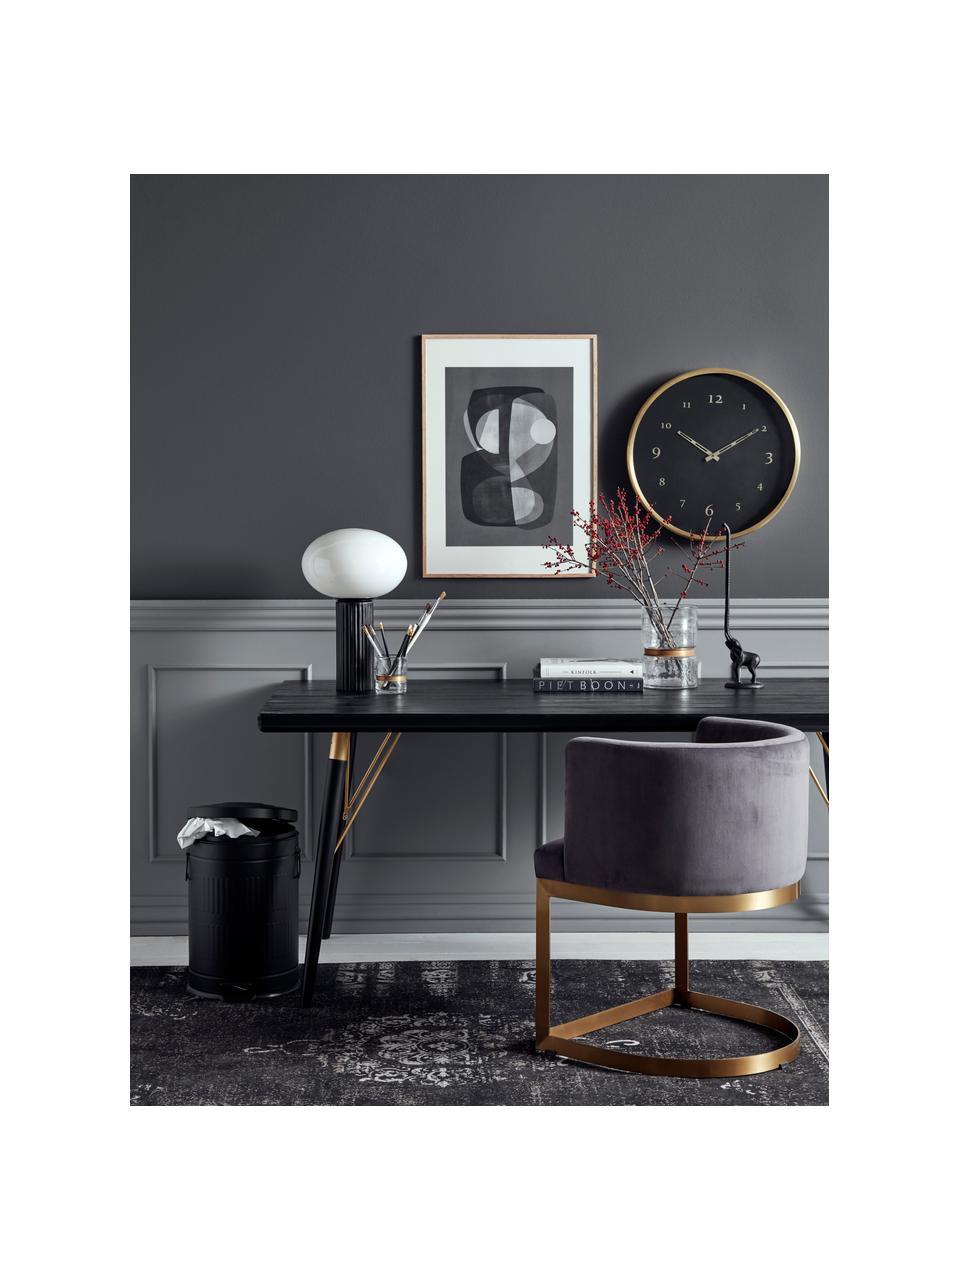 Esstisch Marlena, 180 x 90 cm, Tischplatte: Mitteldichte Holzfaserpla, Beine: Metall, lackiert, Schwarz, B 180 x T 90 cm